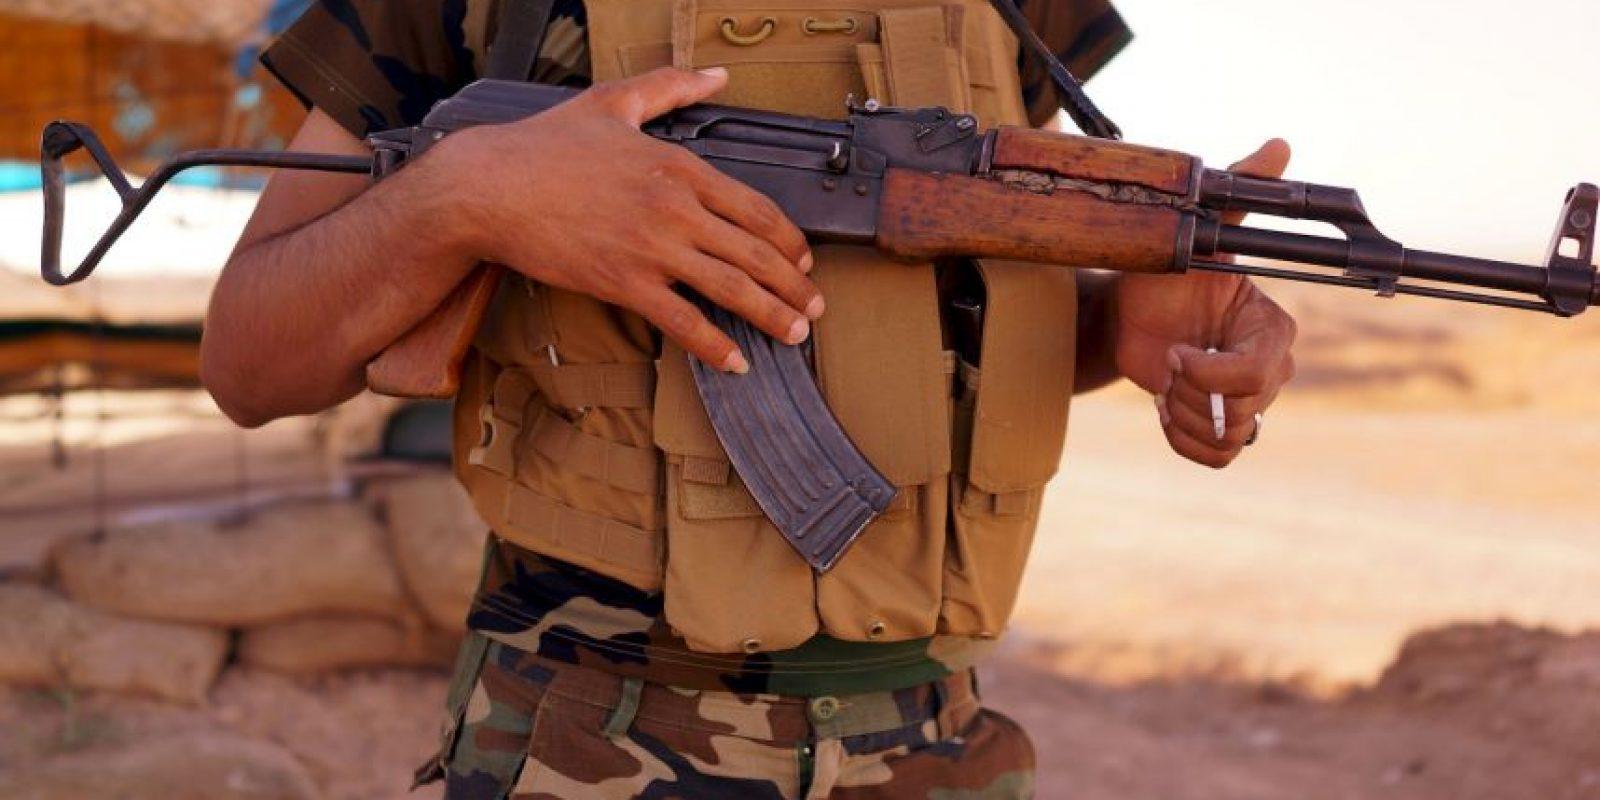 Las autoridades acusan a Sullivan de apoyar al ISIS en sus misiones contra los estadounidenses. Foto:Getty Images